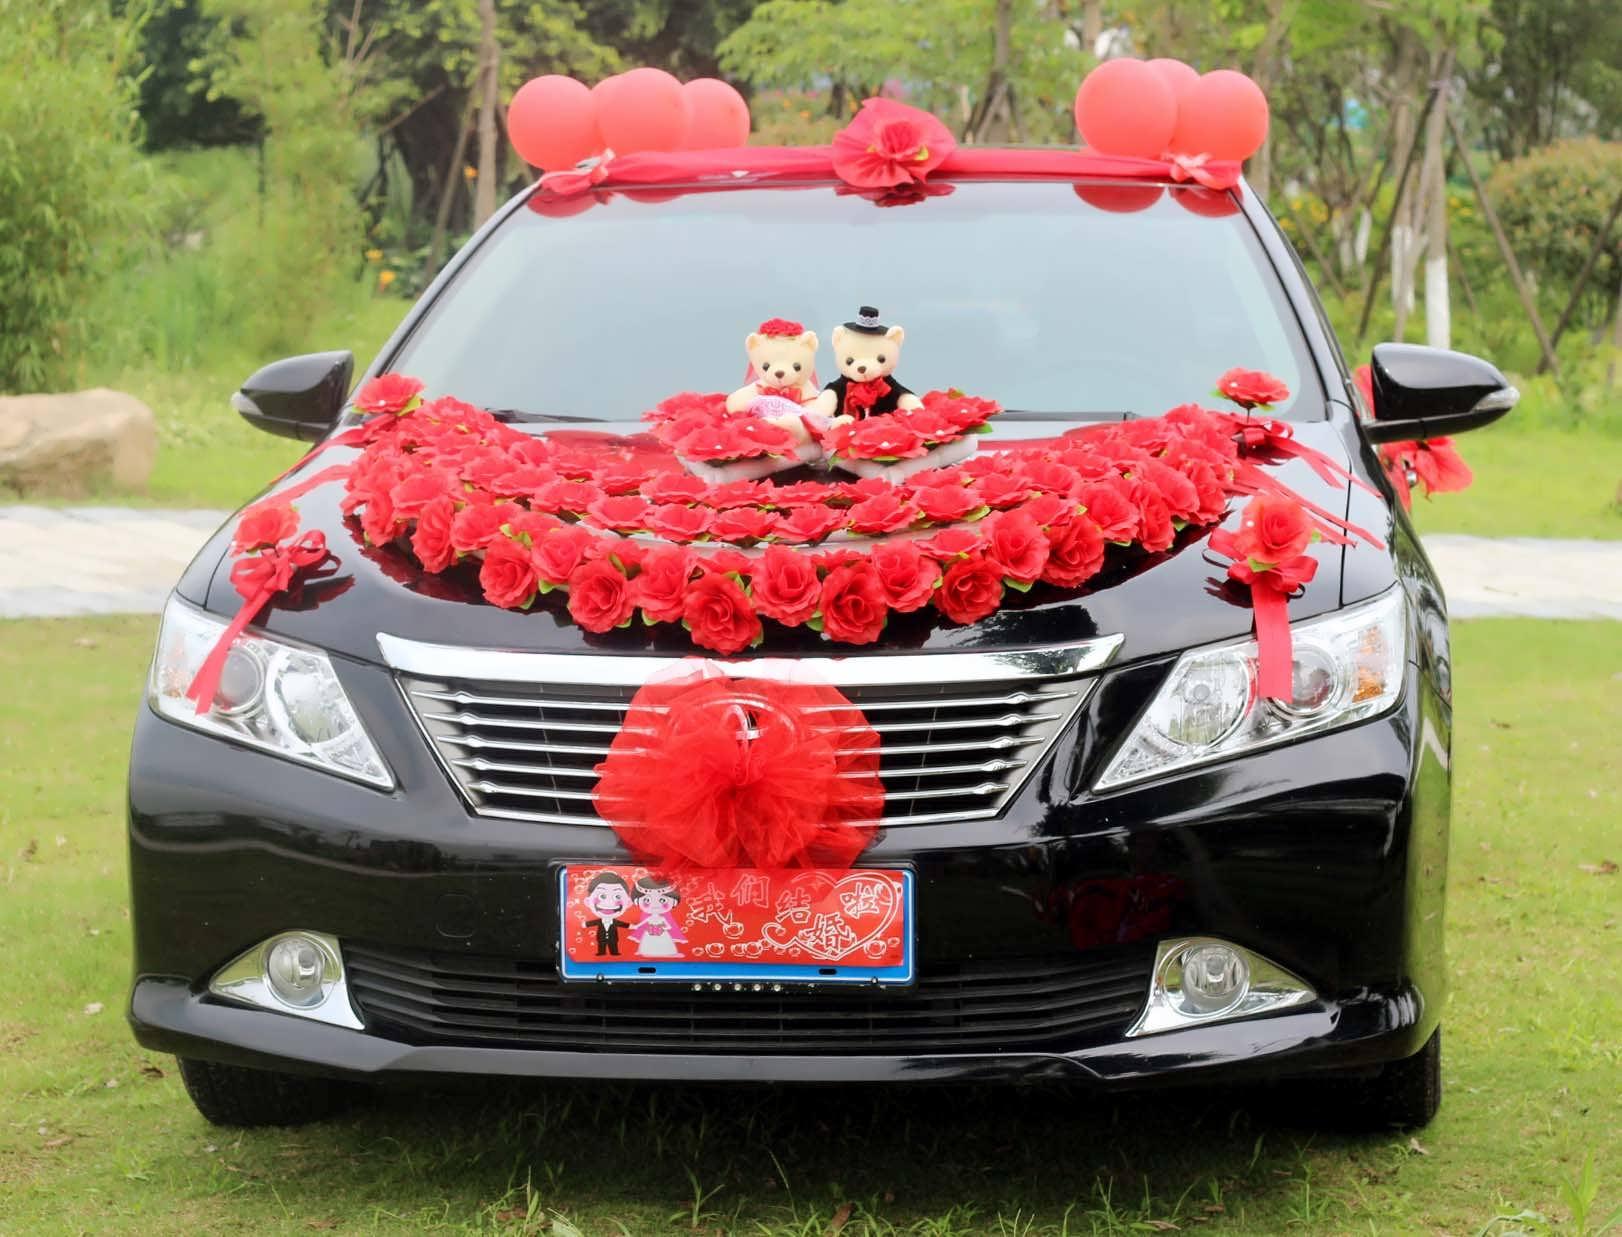 ایده هایی لاکچری و زیبا از تزیین ماشین مشکی با گل های قرمز